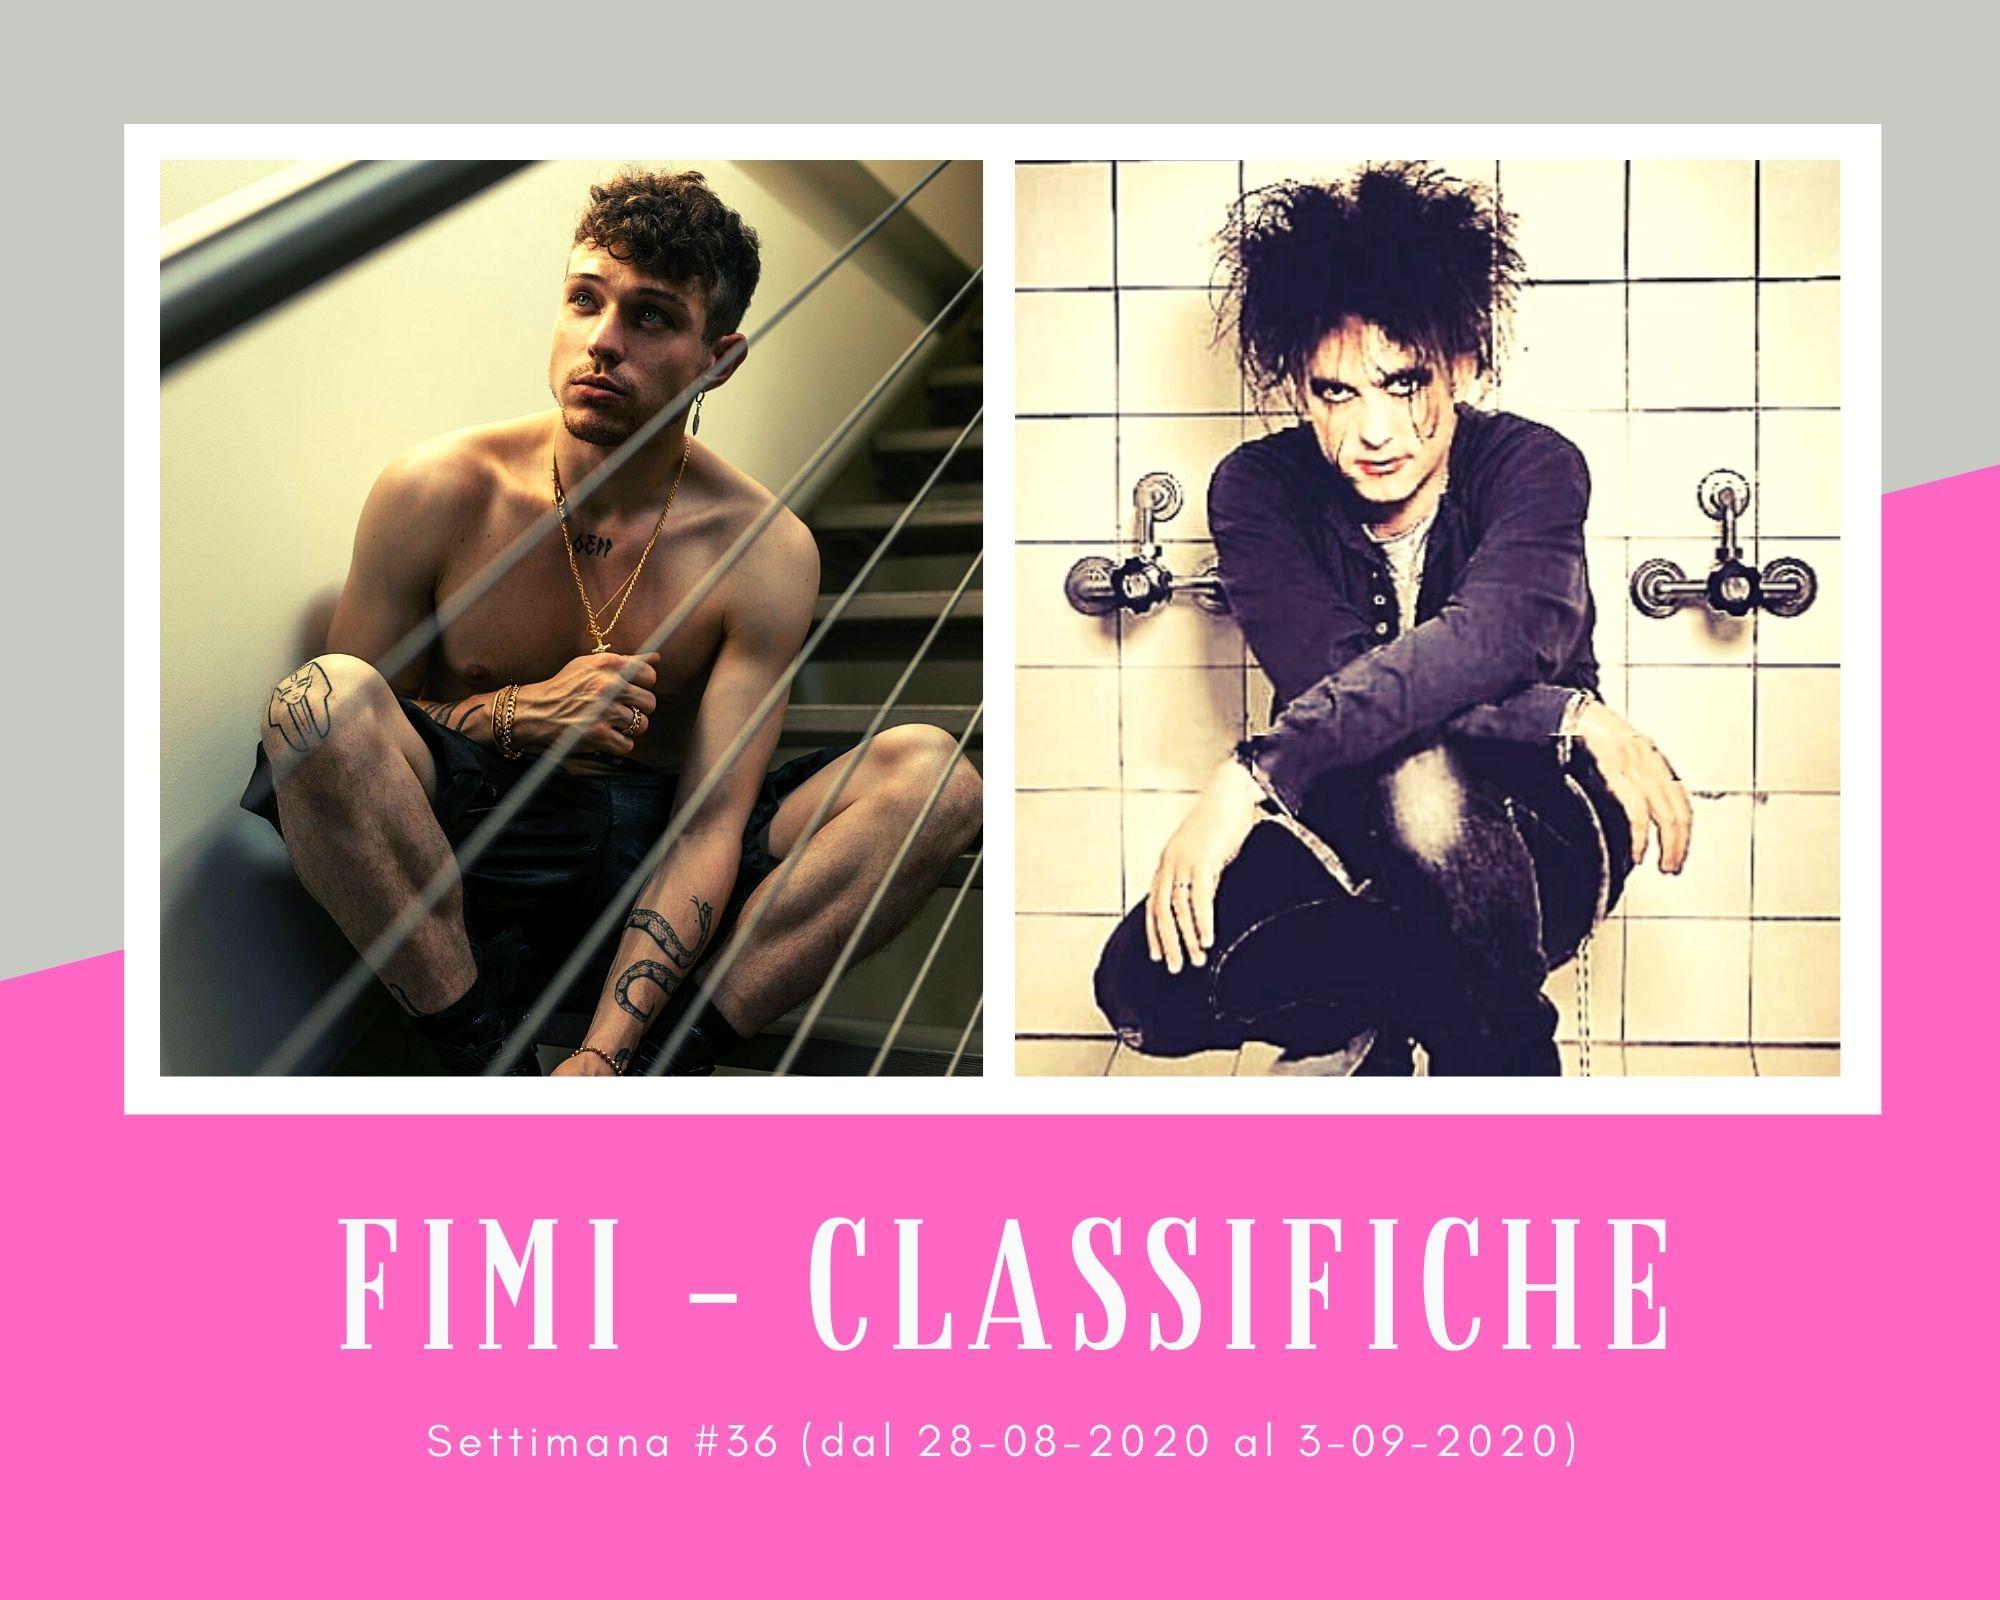 Classifiche FIMI, week 36: Boom per Irama in formato album. Ritorno a The Cure e Mia Martini per il revival dei vinili